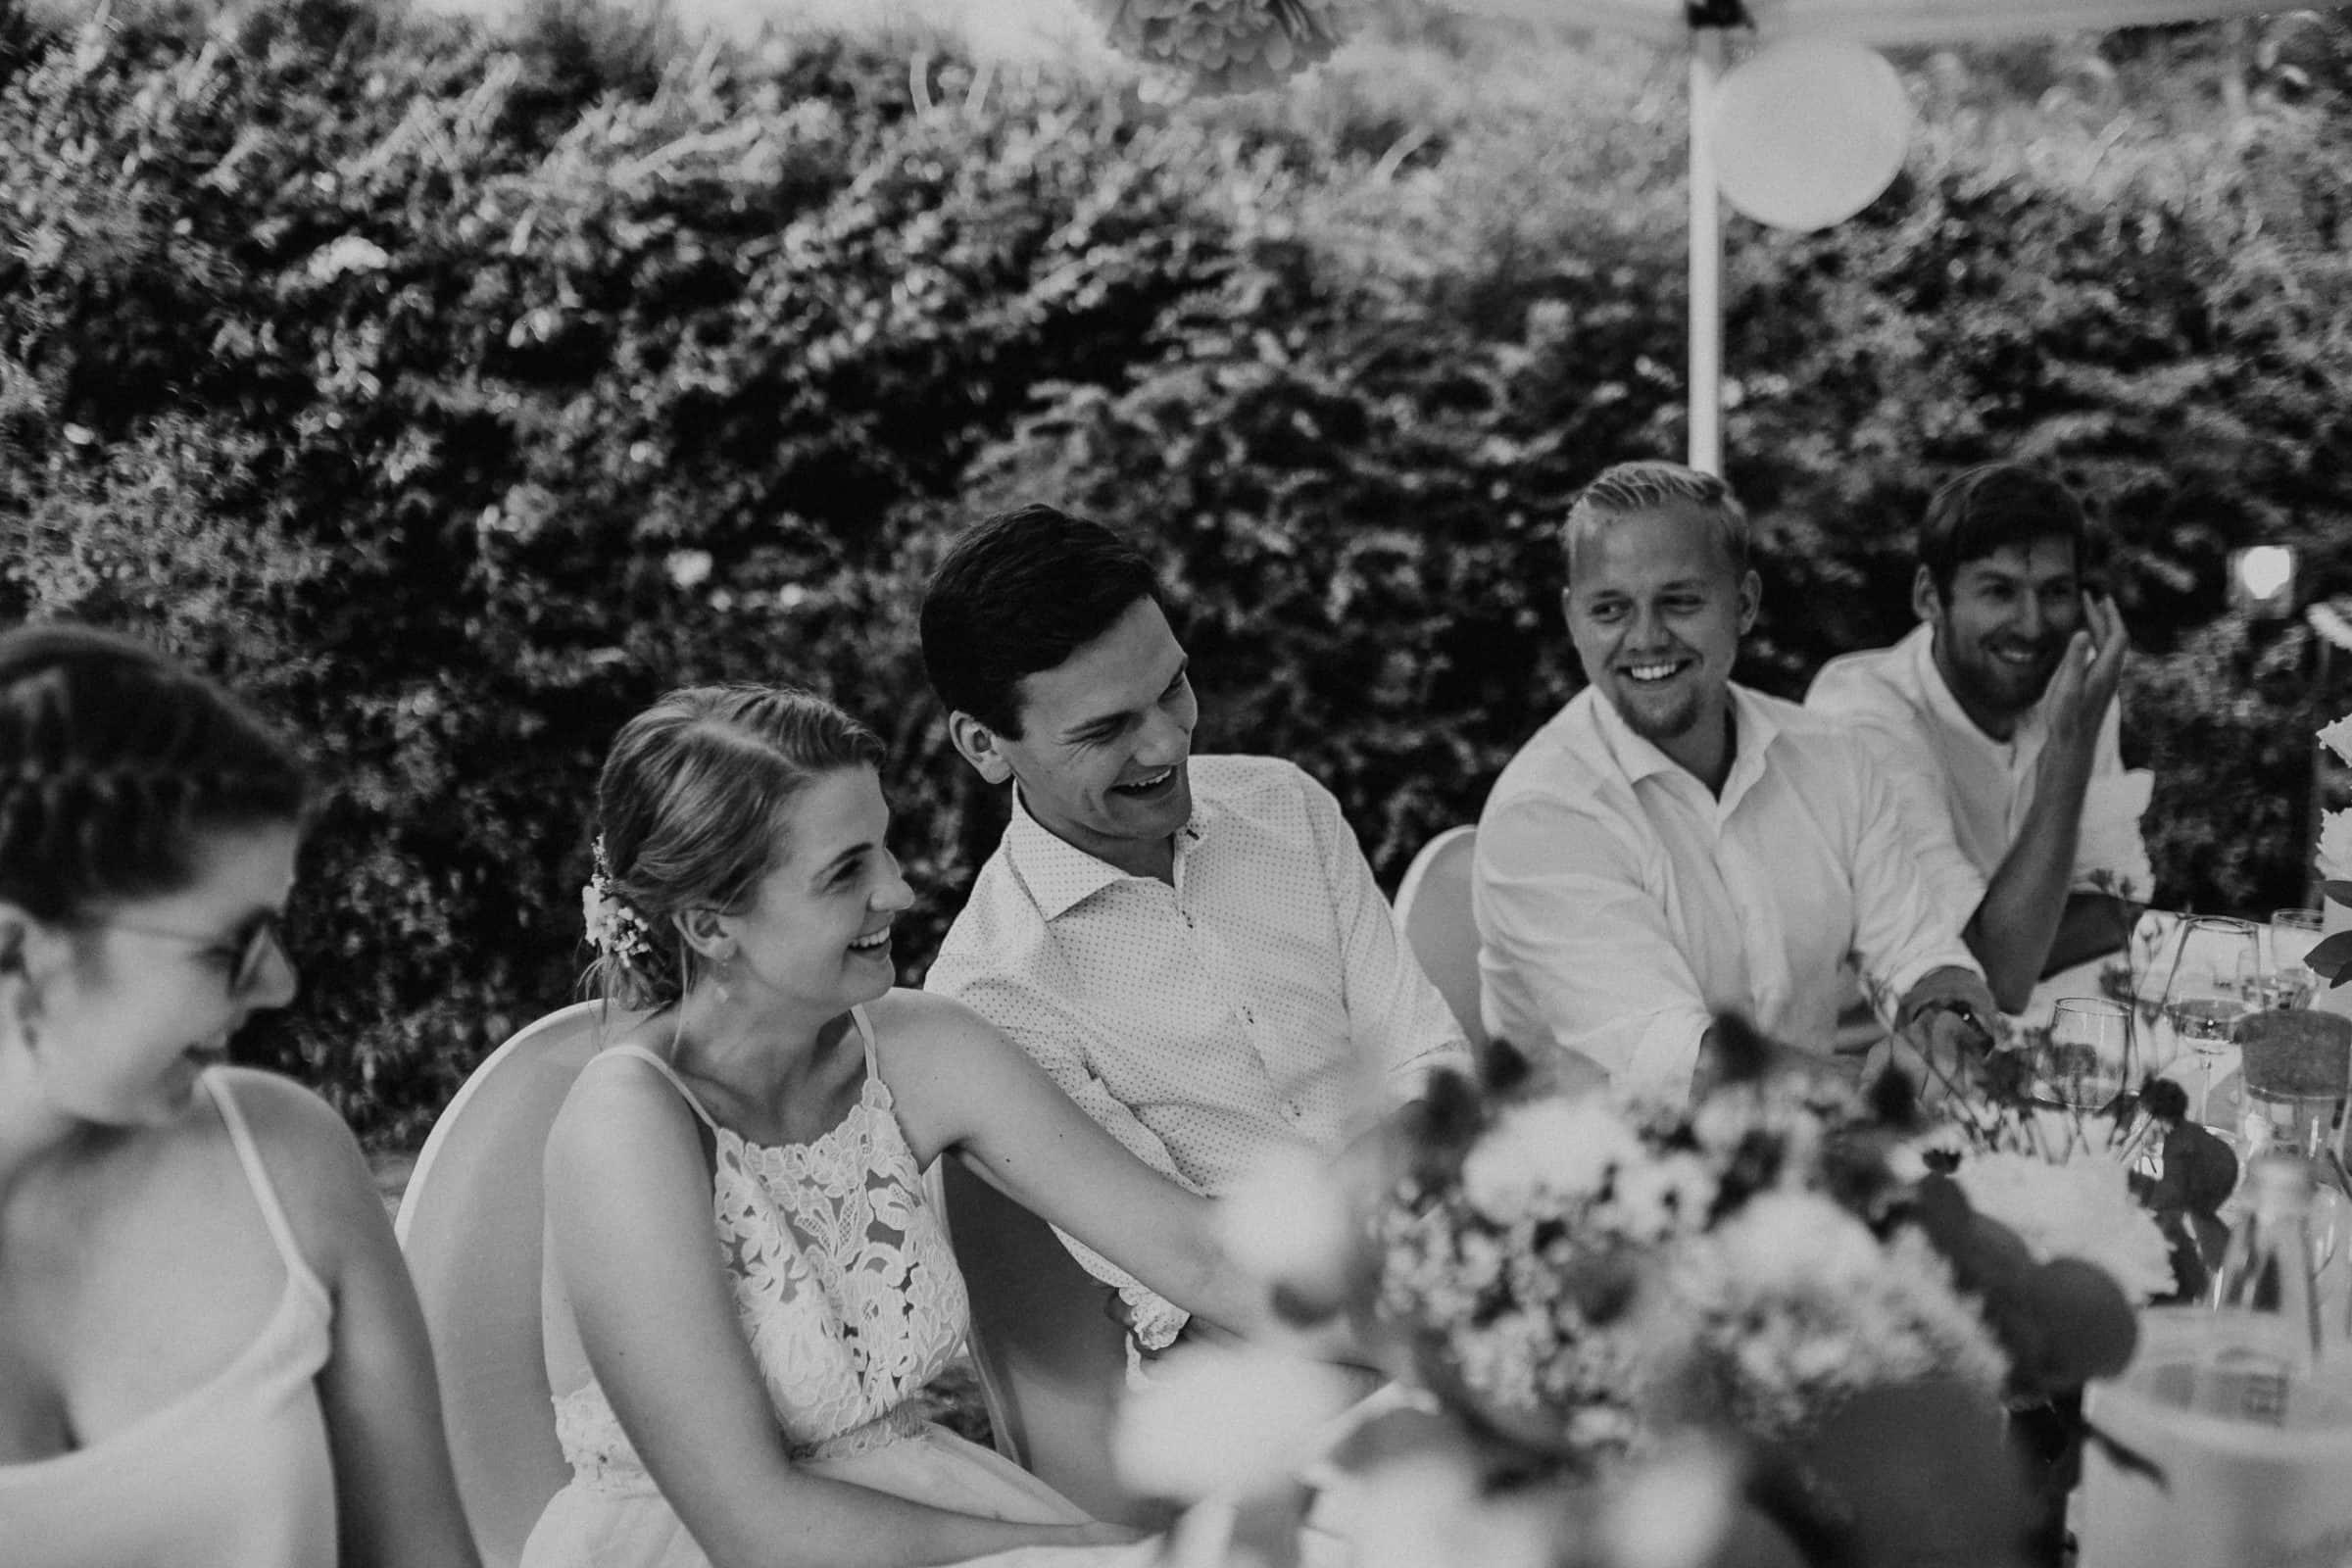 wedding guests, laughter, laughing, table decor, garden wedding, garden tent, hochzeitsgäste, zelt